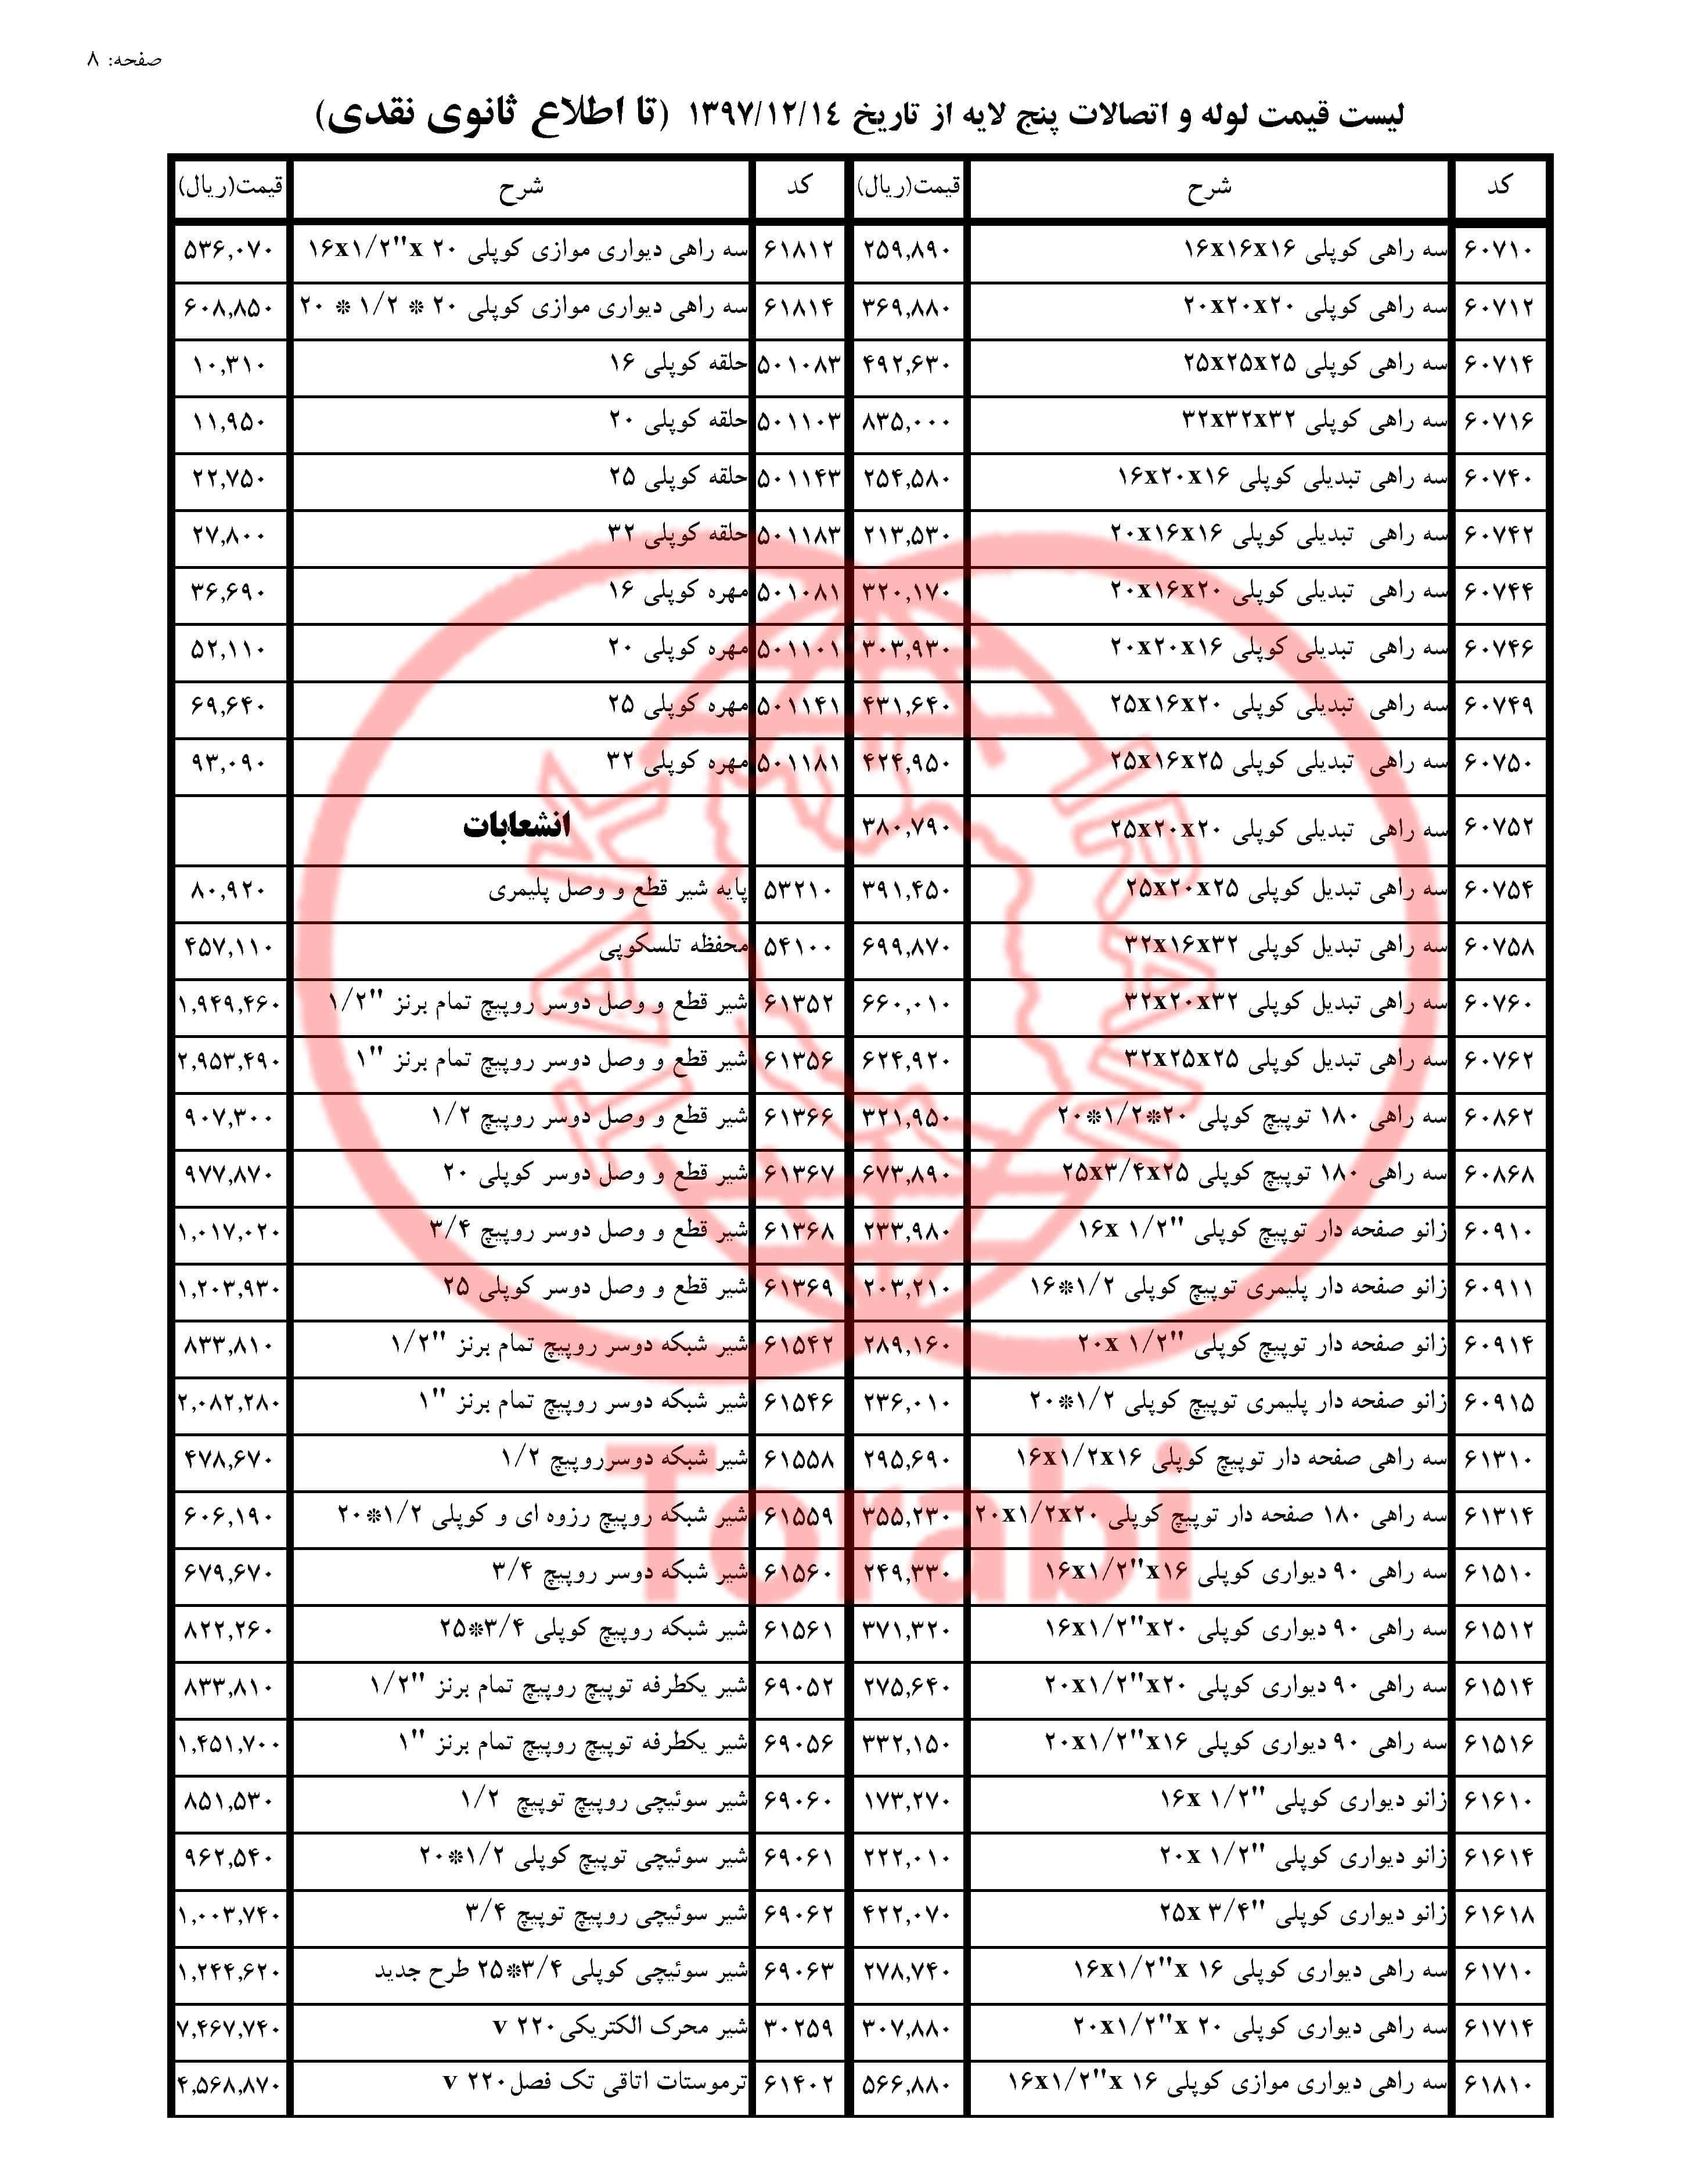 لیست قیمت پنج لایه نیوپایپ 97/12/14 صفحه 8